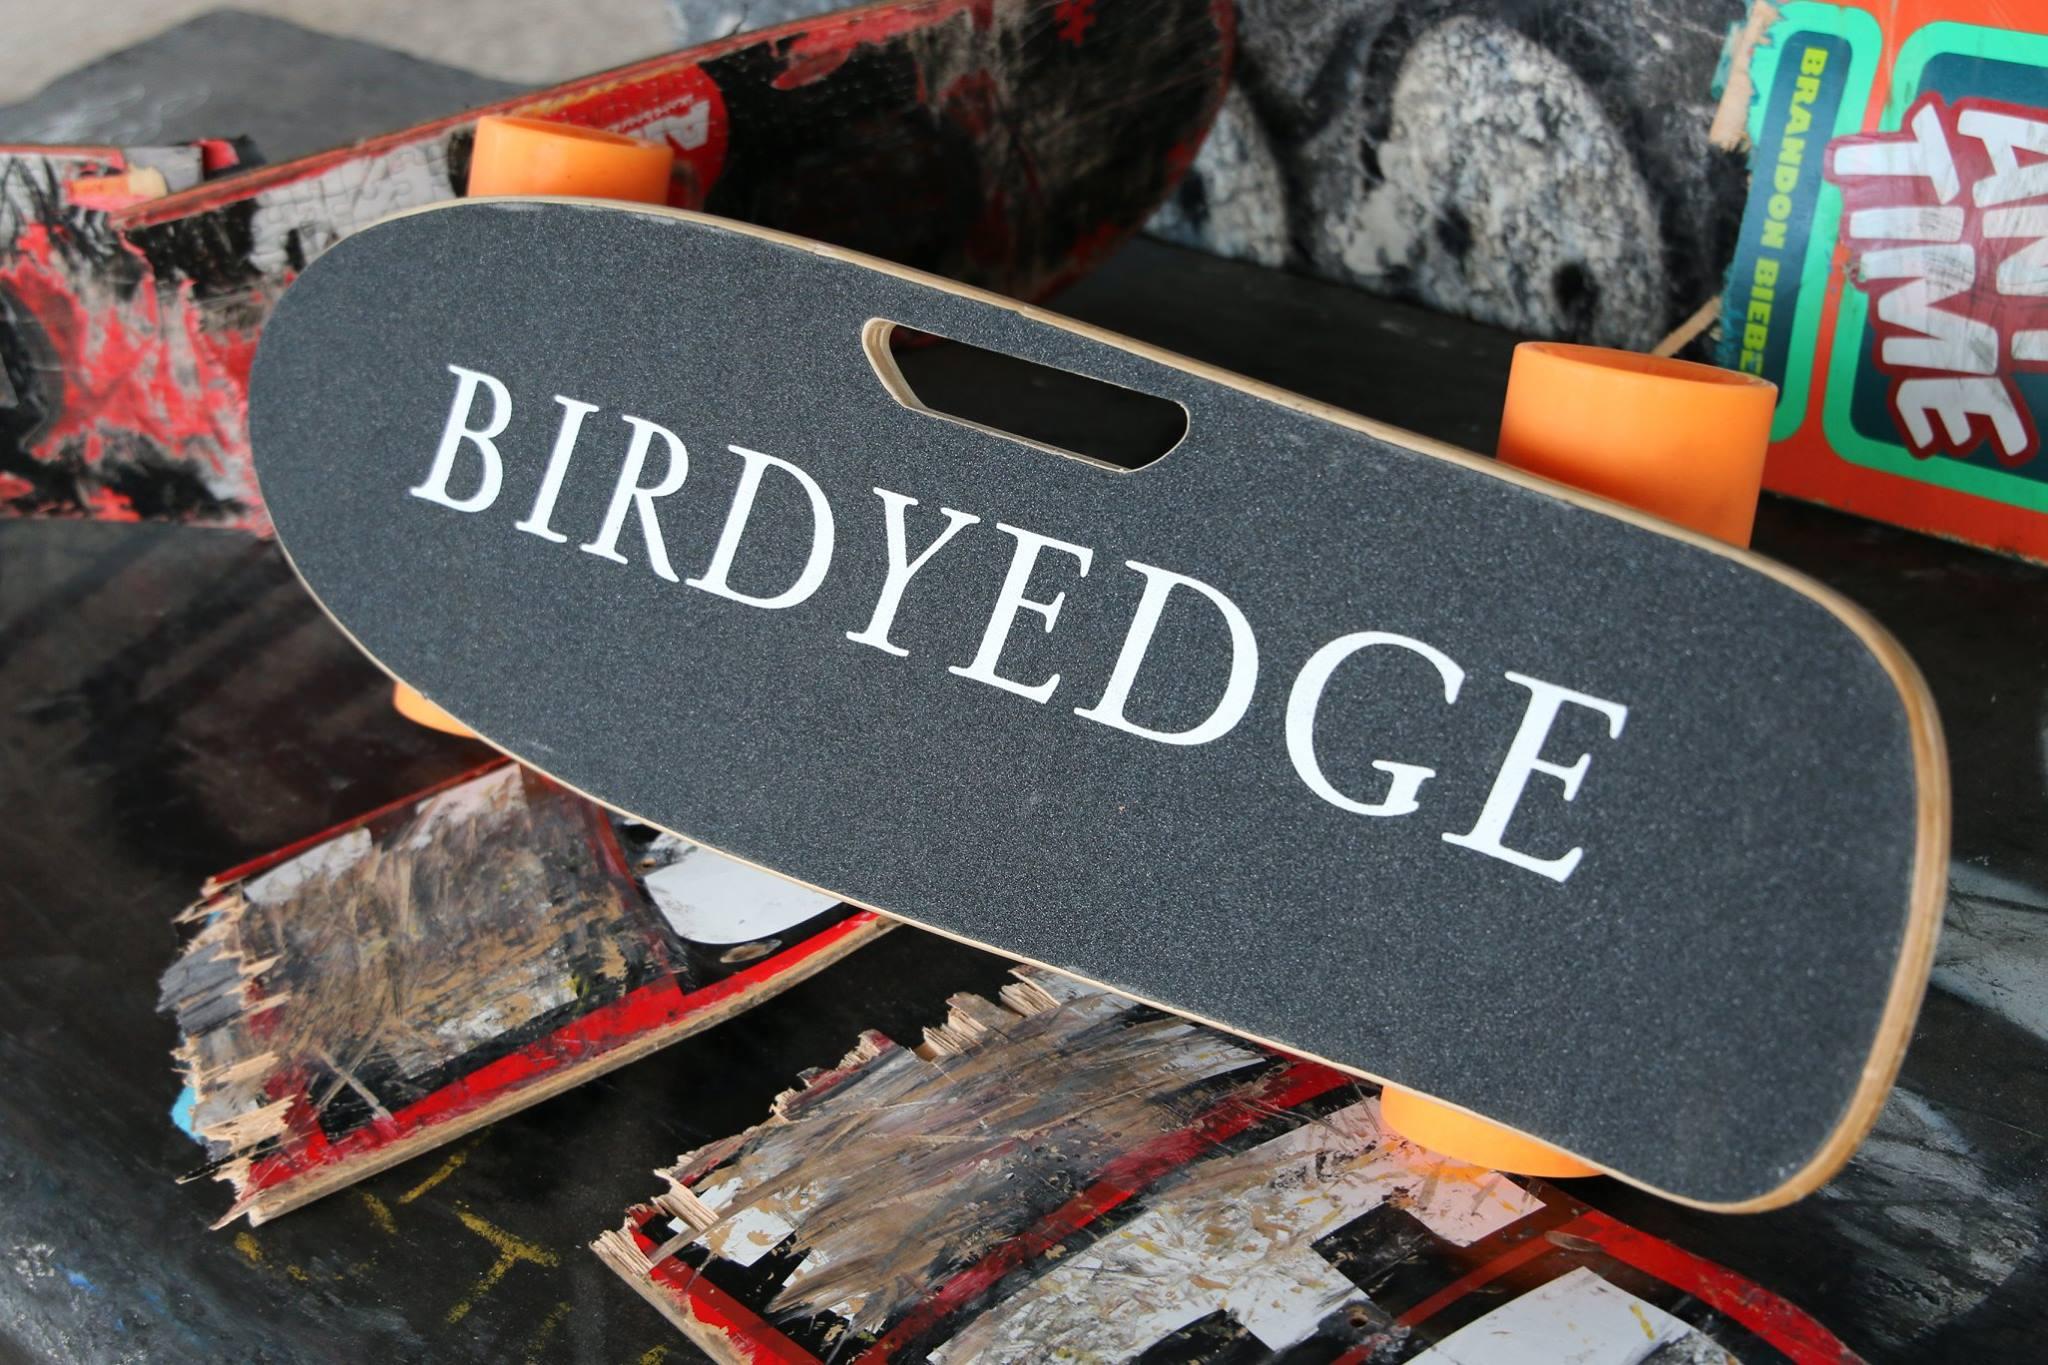 BIRDYEDGE 設計 美國電動滑板 電動車 滑板 四輪車 木製 滑板 滑板車 代步車 車LG